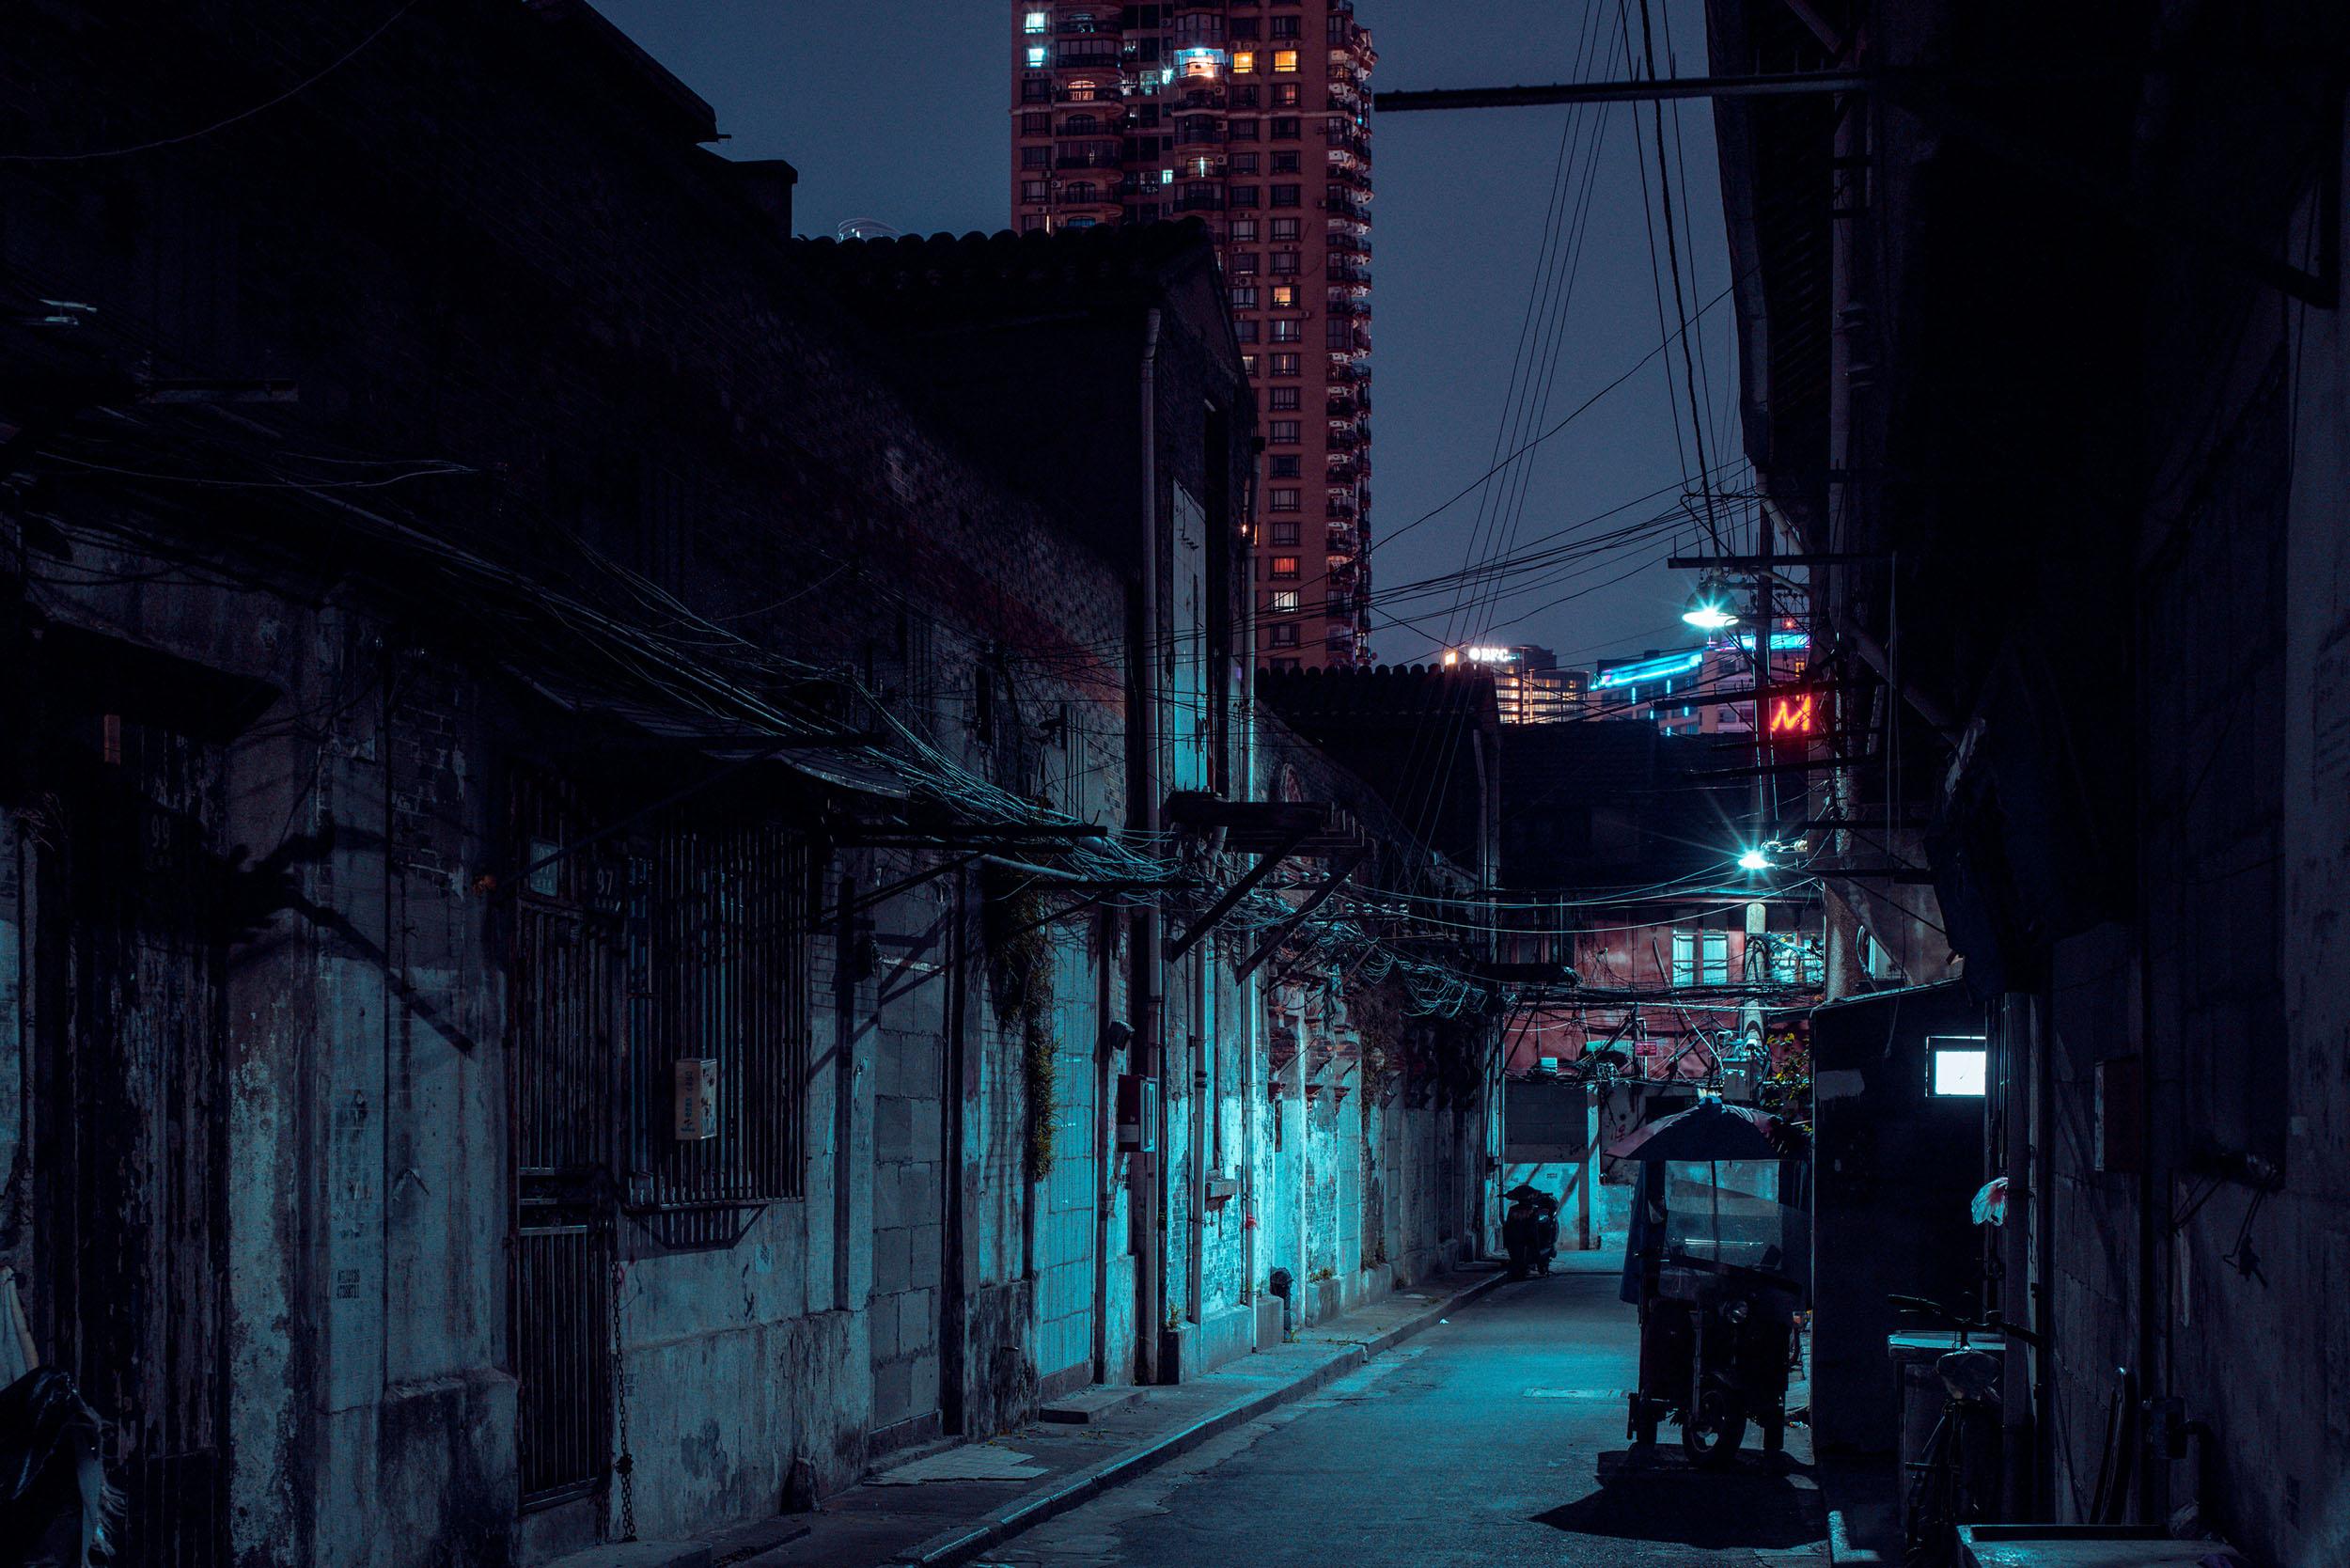 shanghai-streets-19.jpg